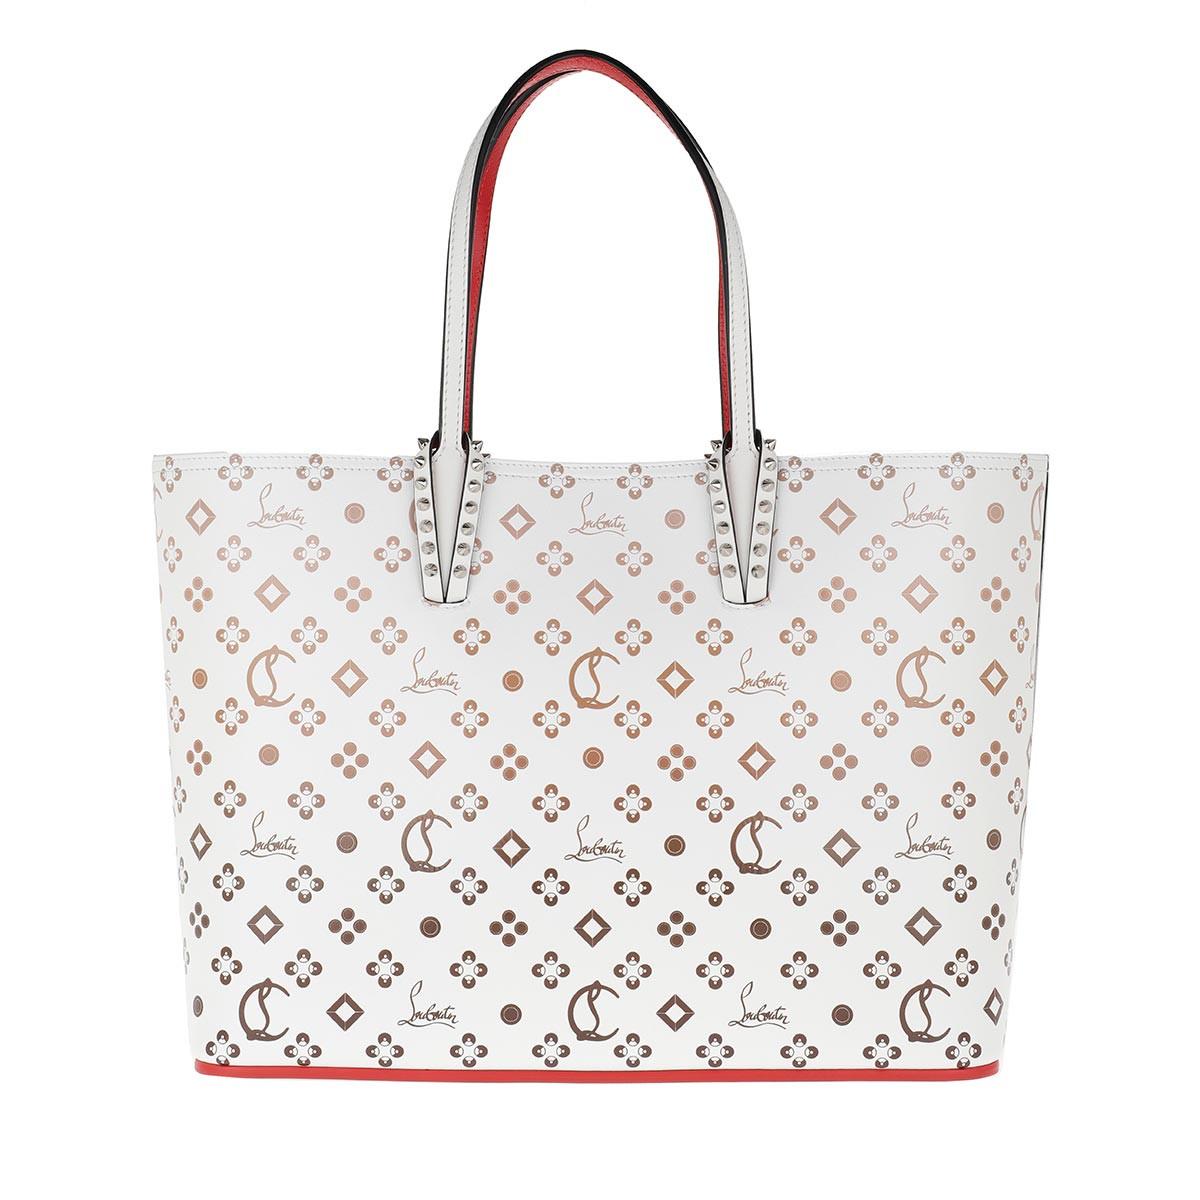 Christian Louboutin Shopper - Cabata Tote Bag Calf Leather White - in weiß - für Damen